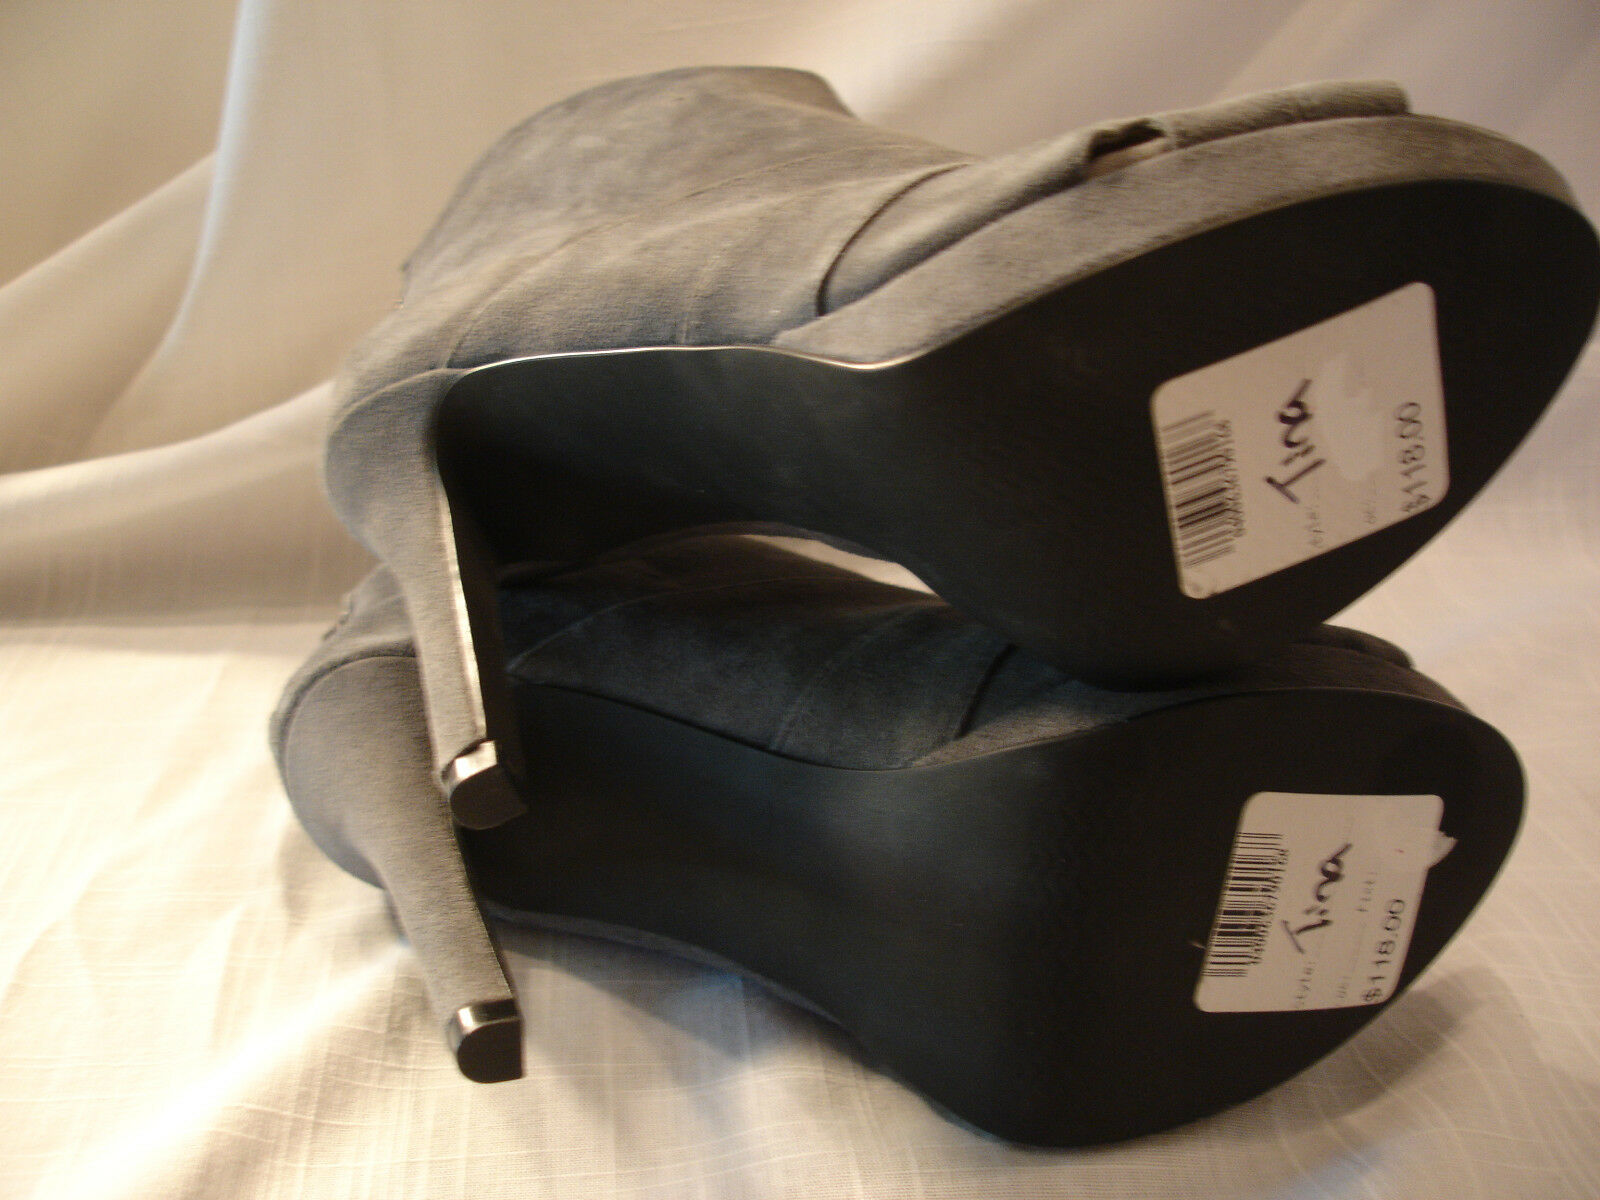 VIA NEROLI Tina Gray Suede High Heels Heels Heels Stiefel Booties 118 Damenschuhe Sz 6 M 896864